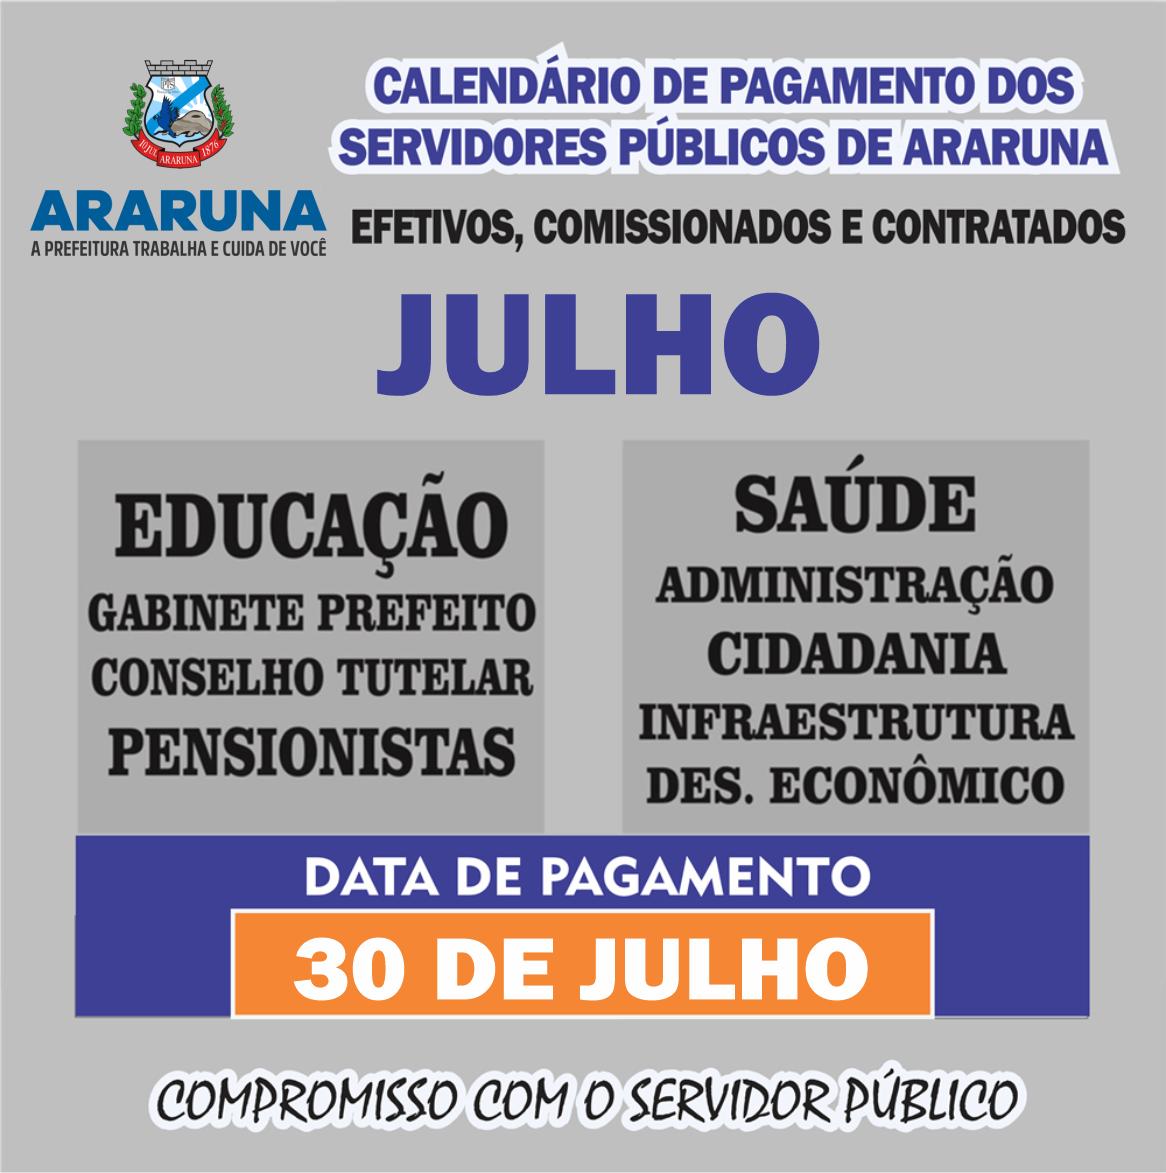 Prefeito de Araruna anuncia pagamento de todos os servidores referente ao mês de Julho